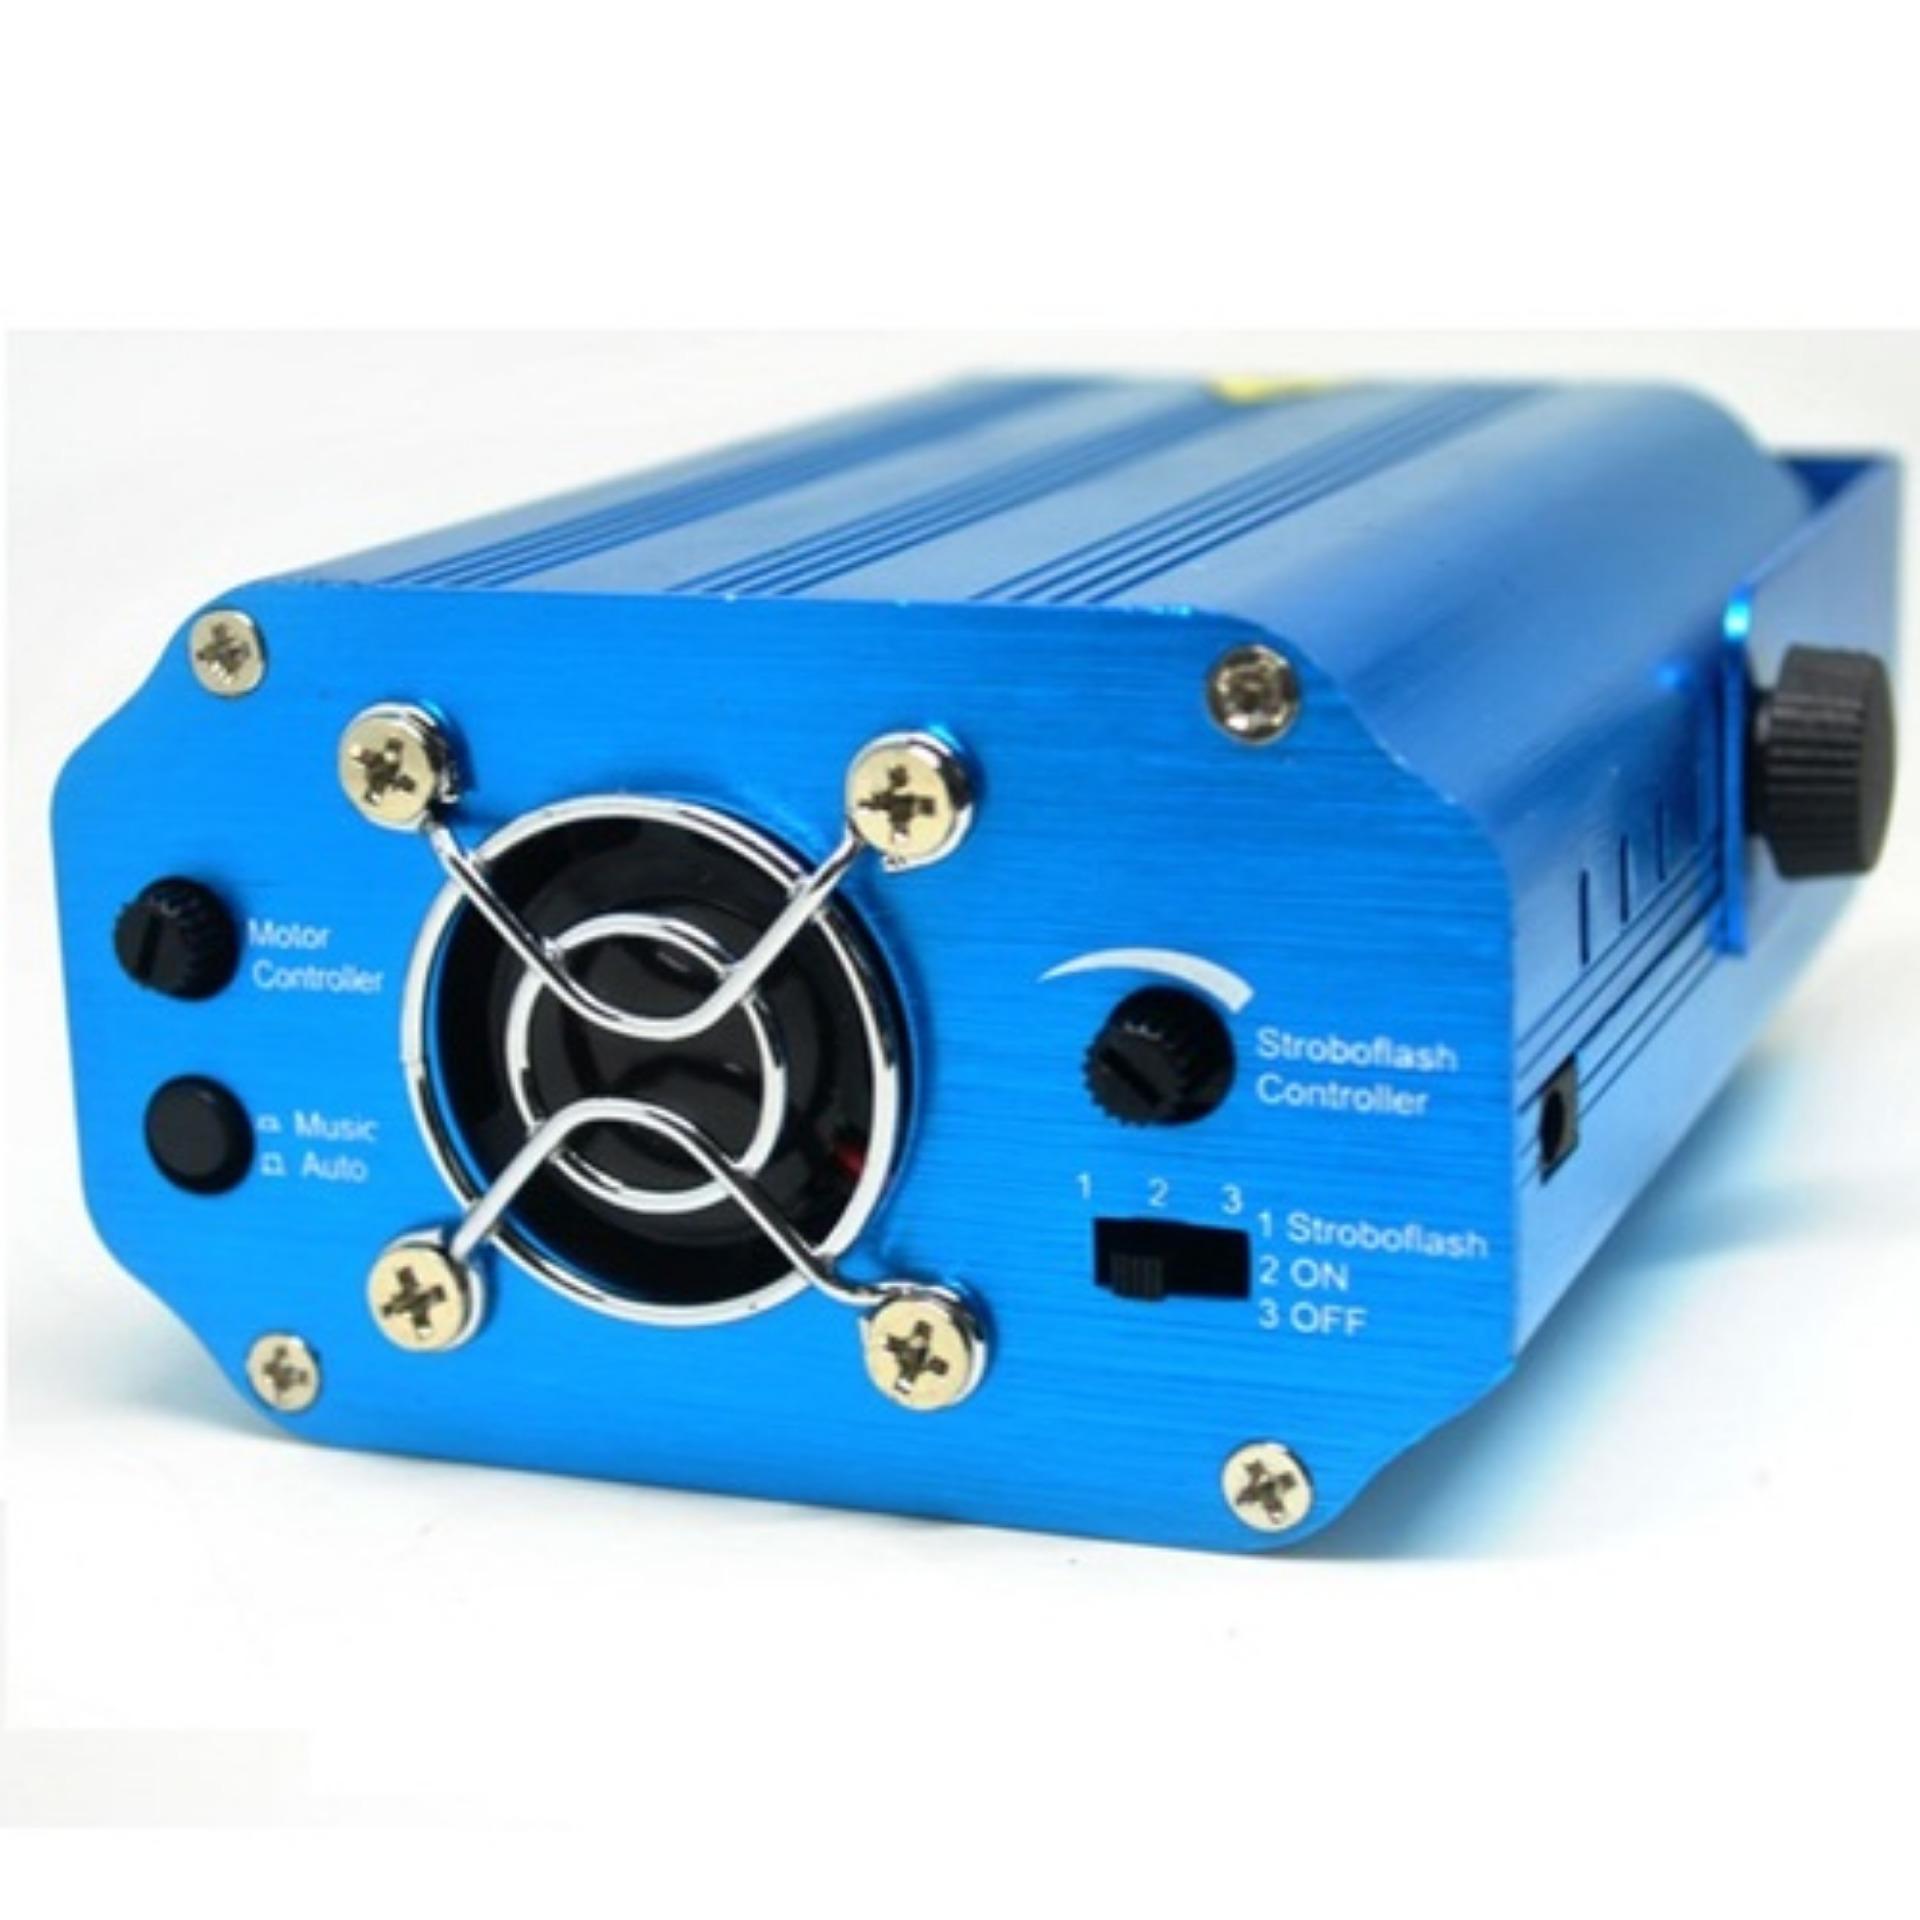 Jual Elec Universal Braket Proyektor Teleskopik Dapat Diperpanjang Source · Proyektor Laser Mini 12 Pattern MGY 008 Blue